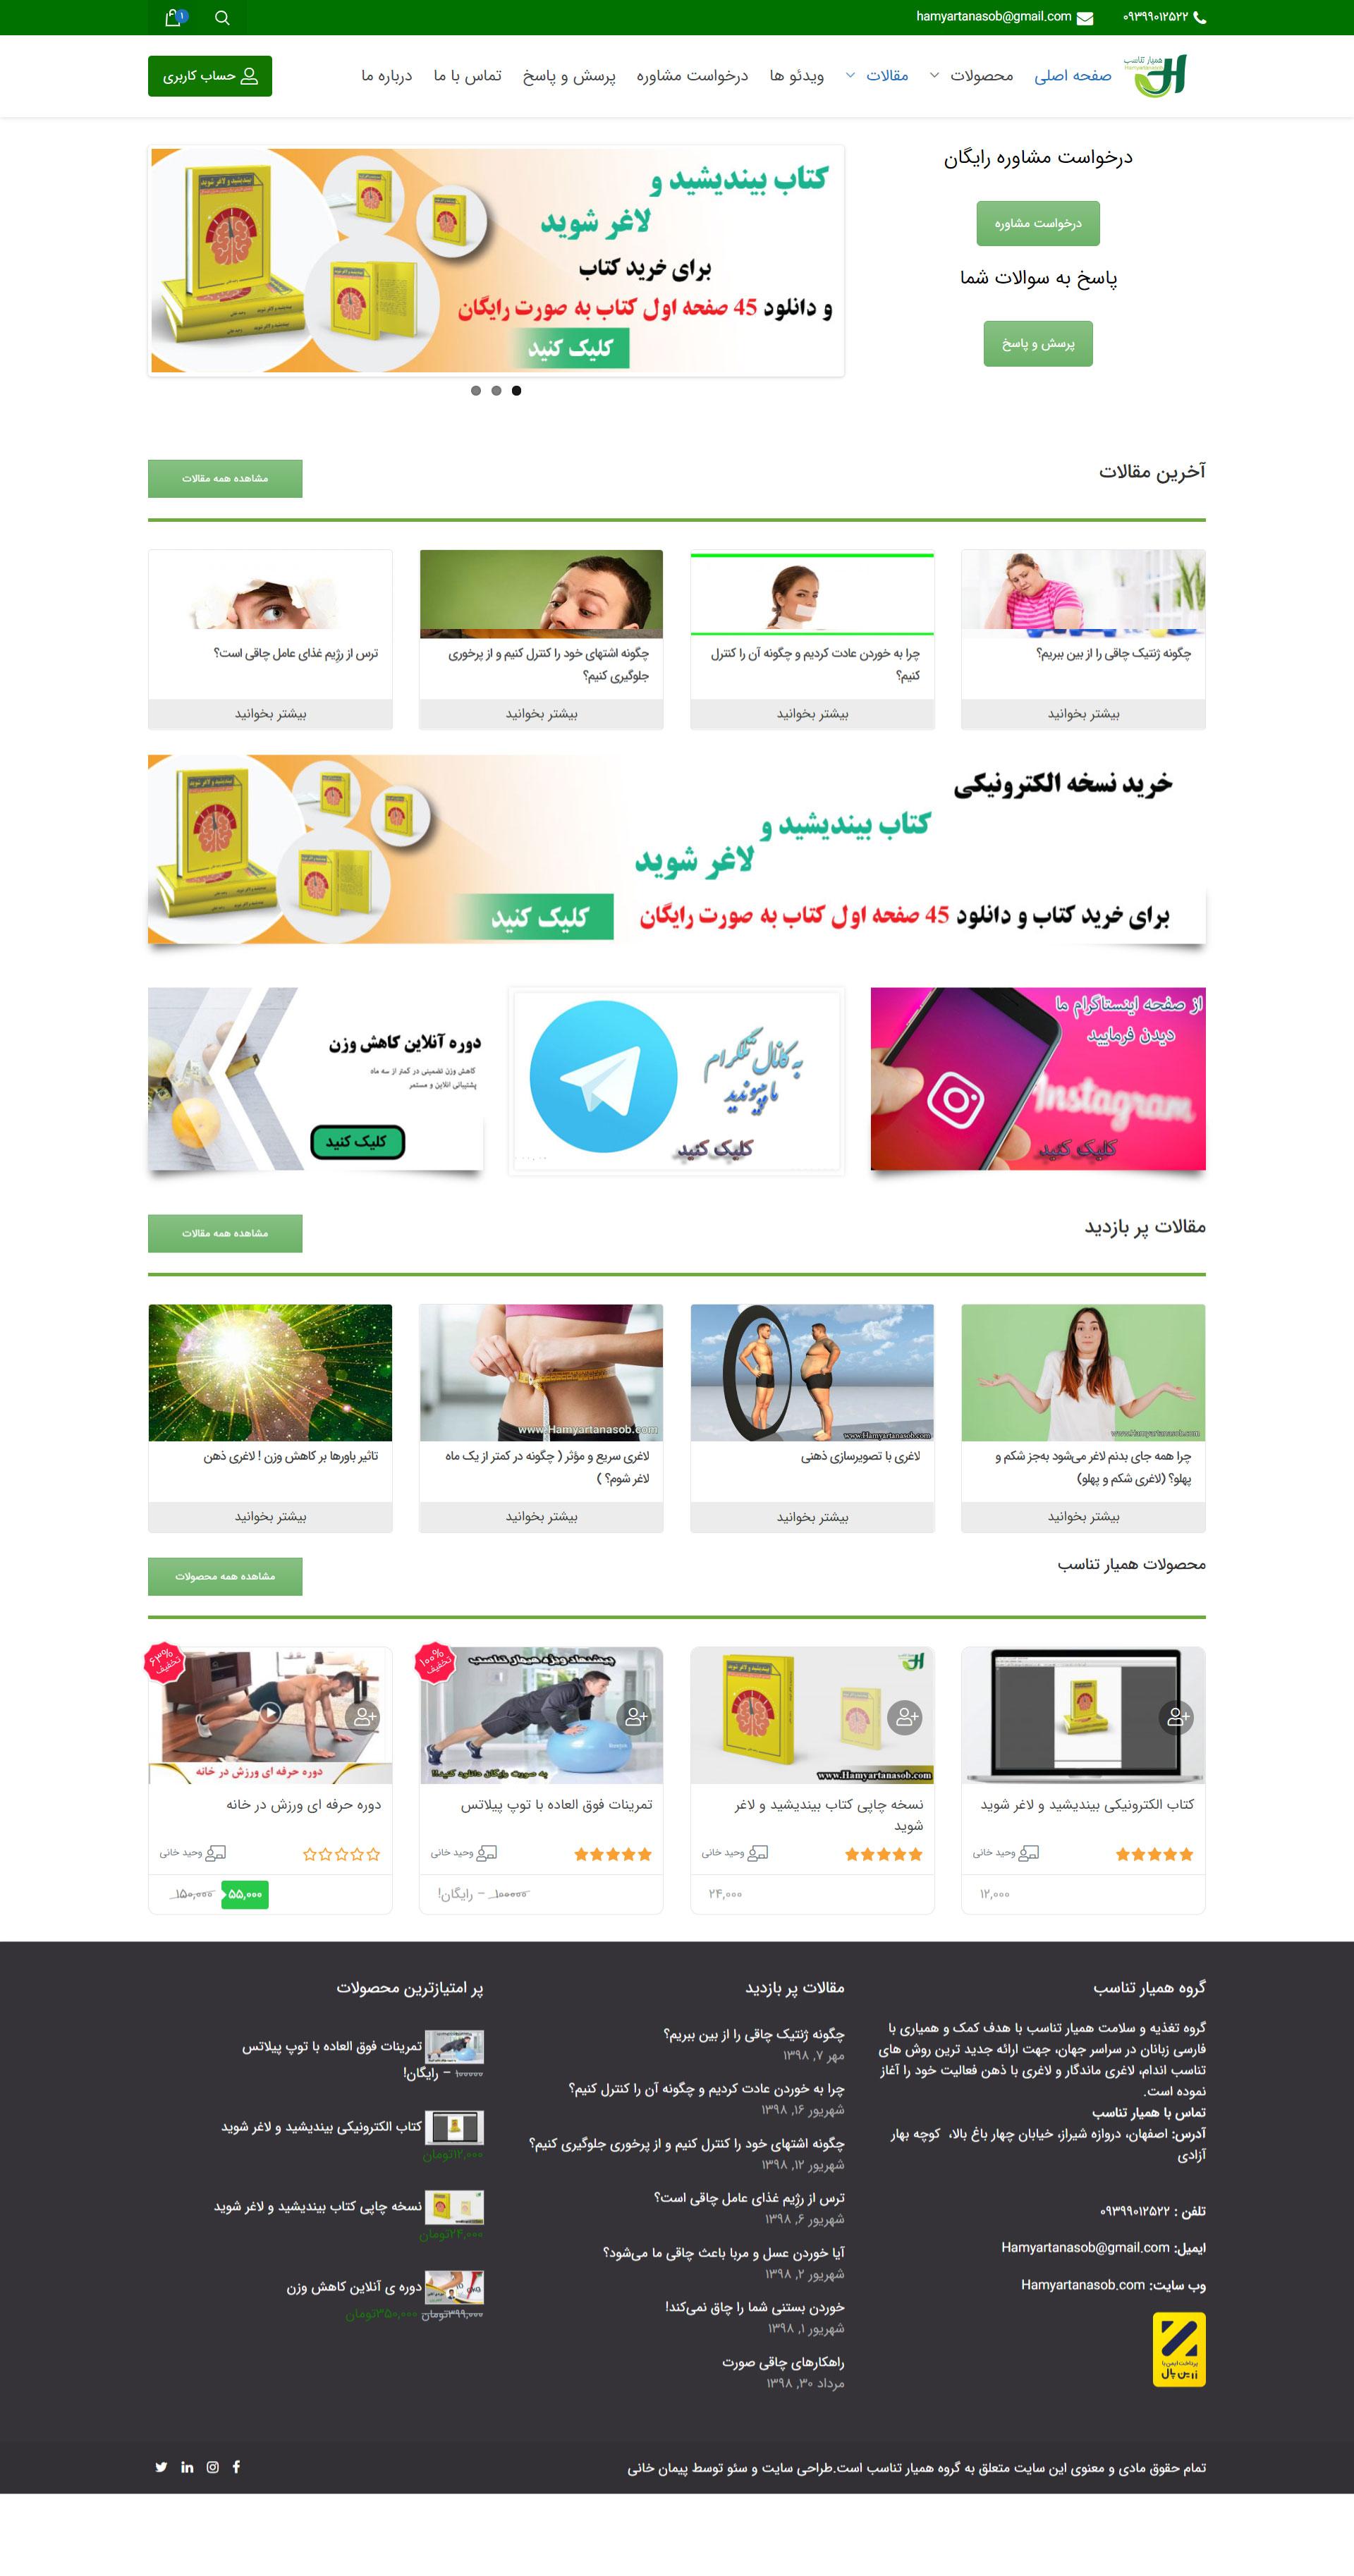 طراح وب سایت همیار تناسب